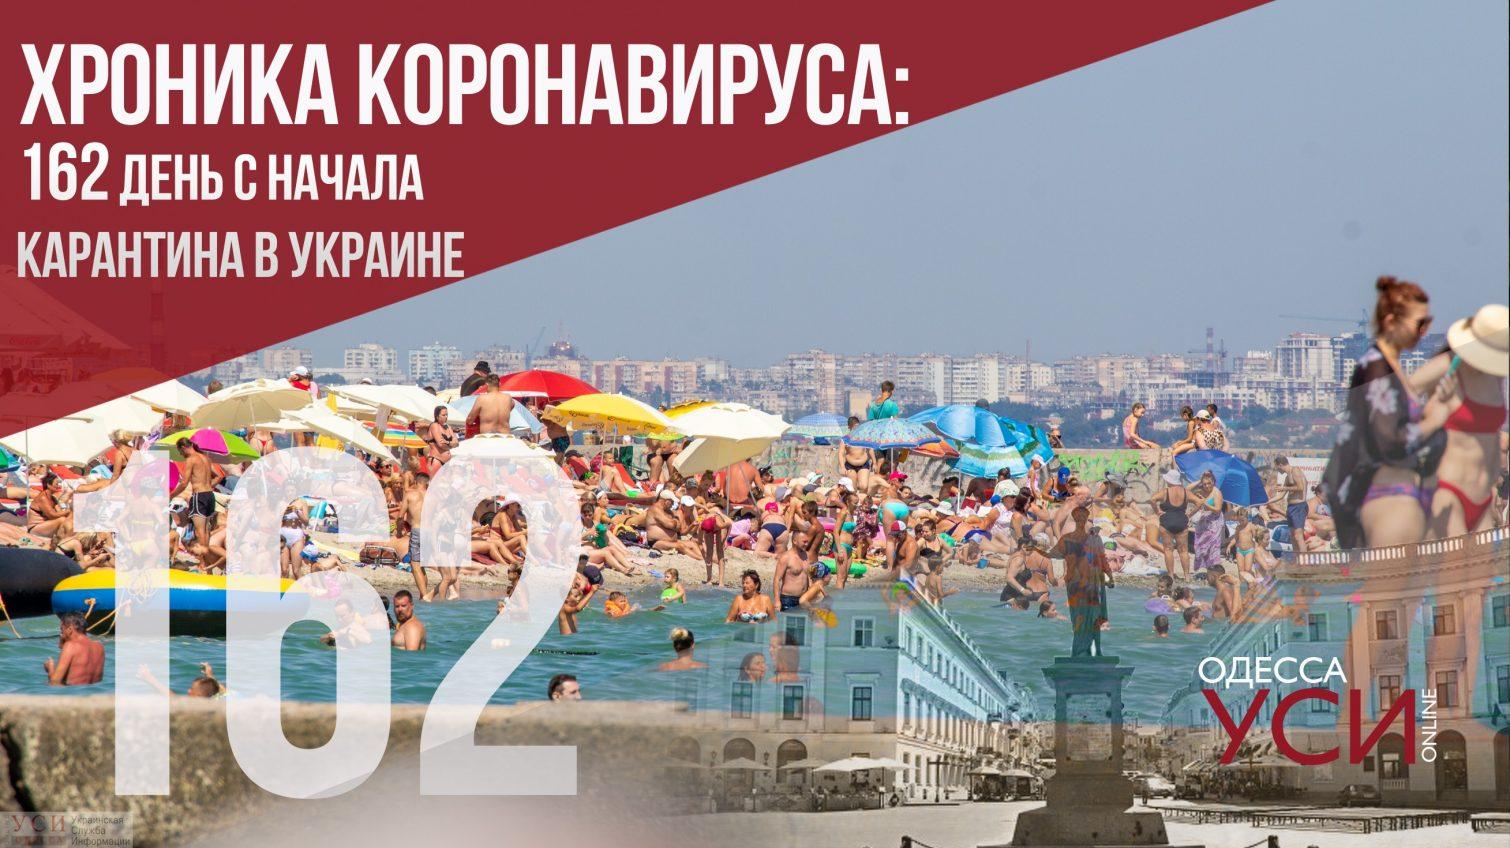 Хроника коронавируса: в Одесской области три новые смерти и антирекорд «фото»